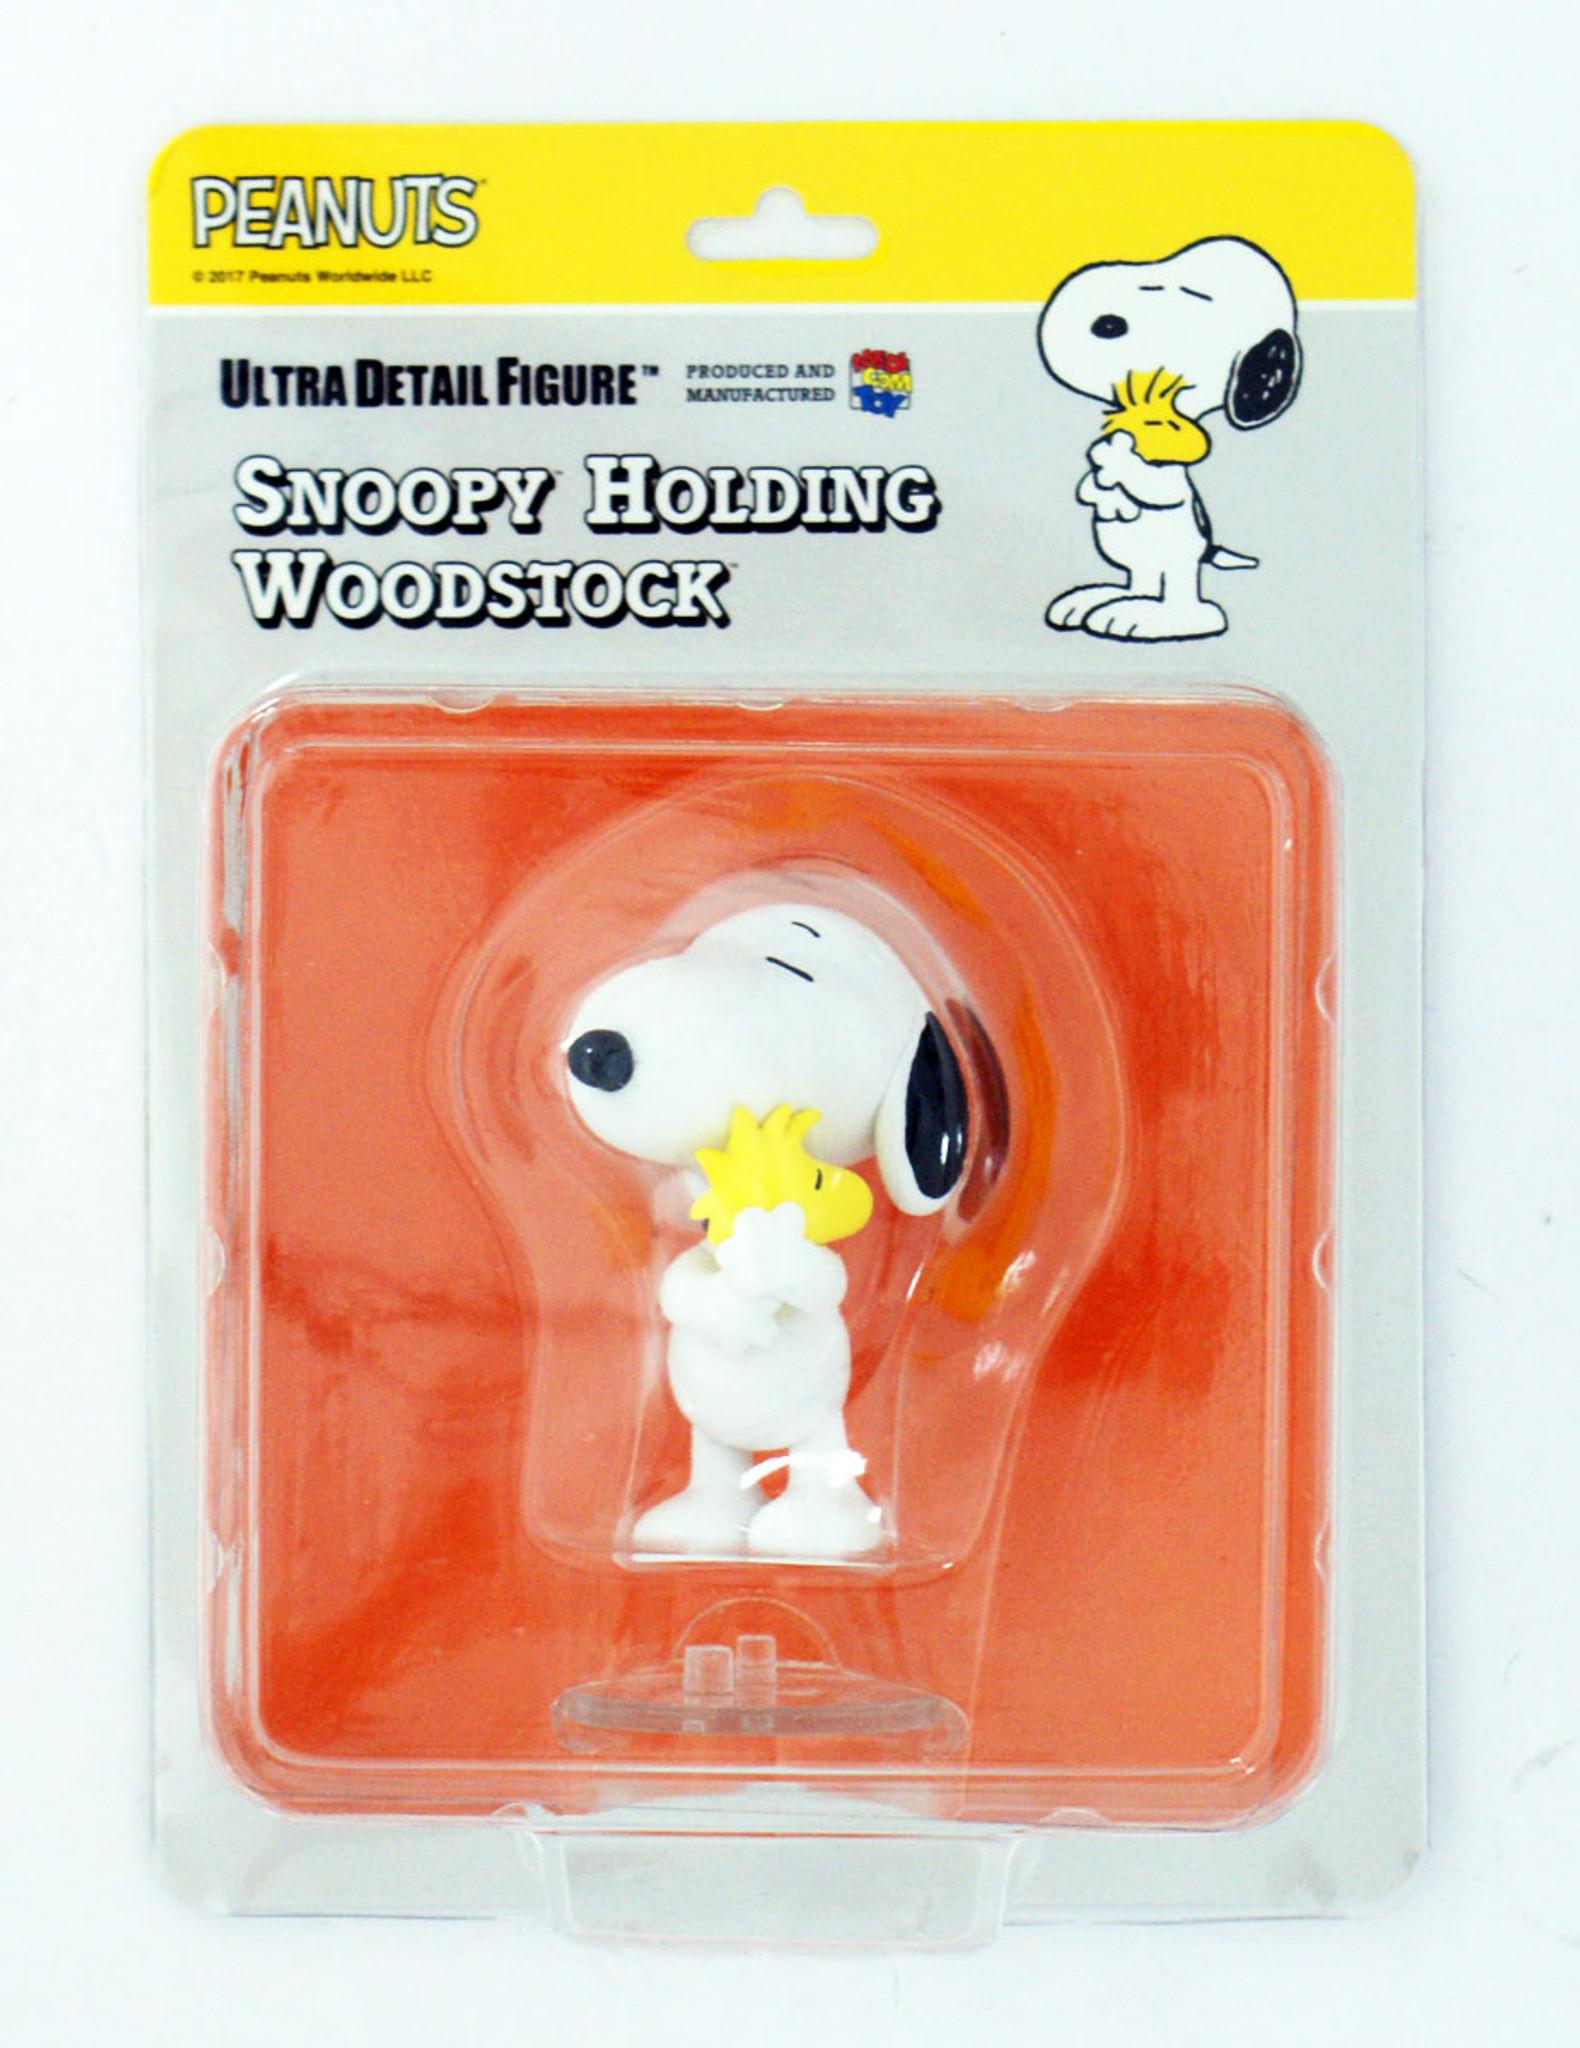 c75718e675 Medicom UDF-379 Peanuts Snoopy Holding Woodstock Figure